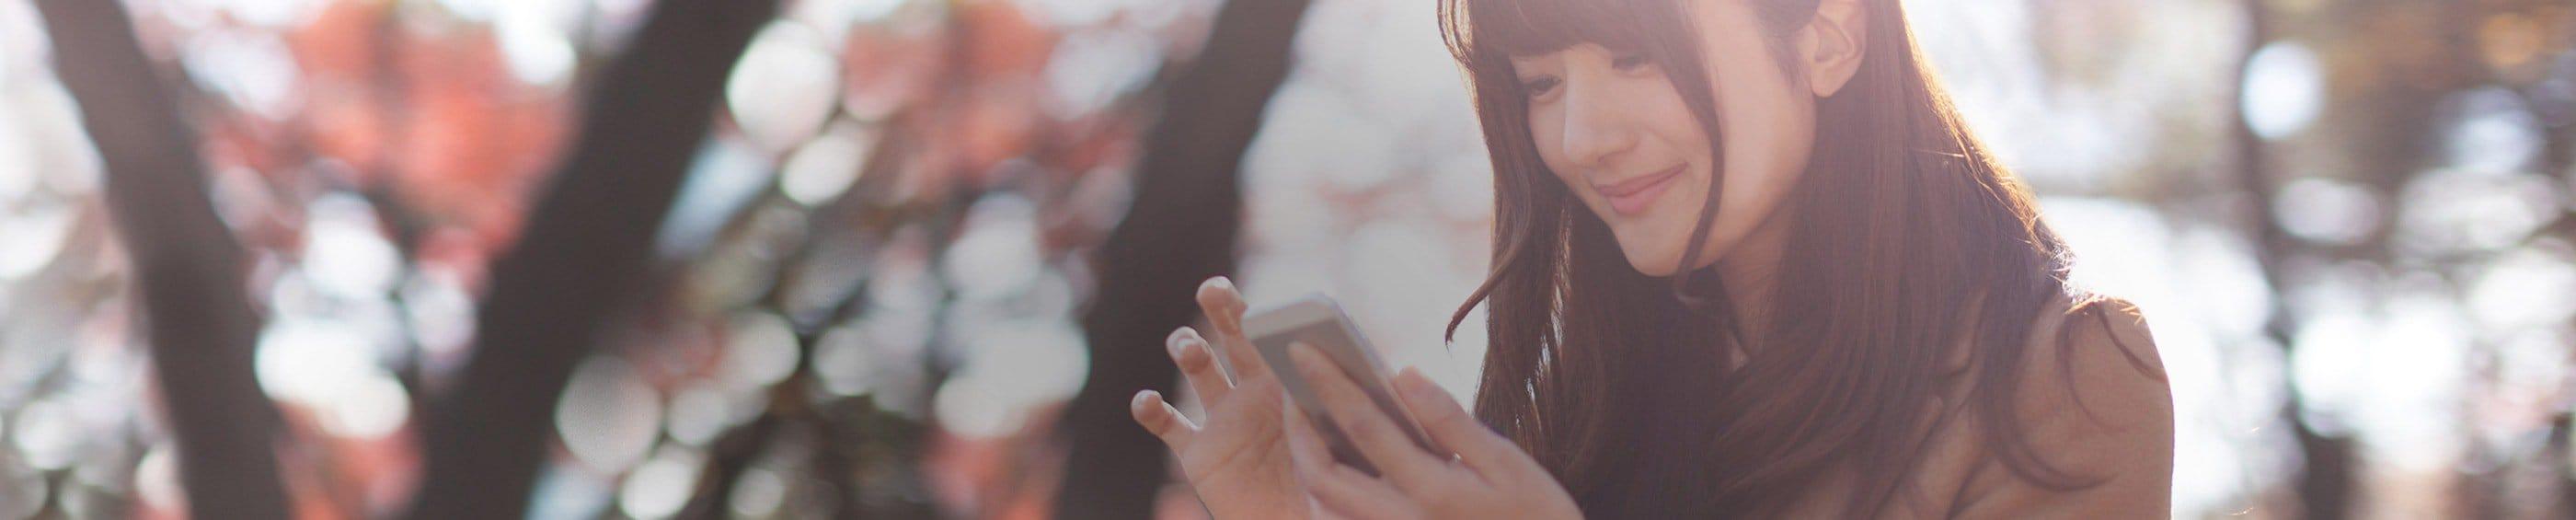 Una mujer joven en exteriores mirando su teléfono